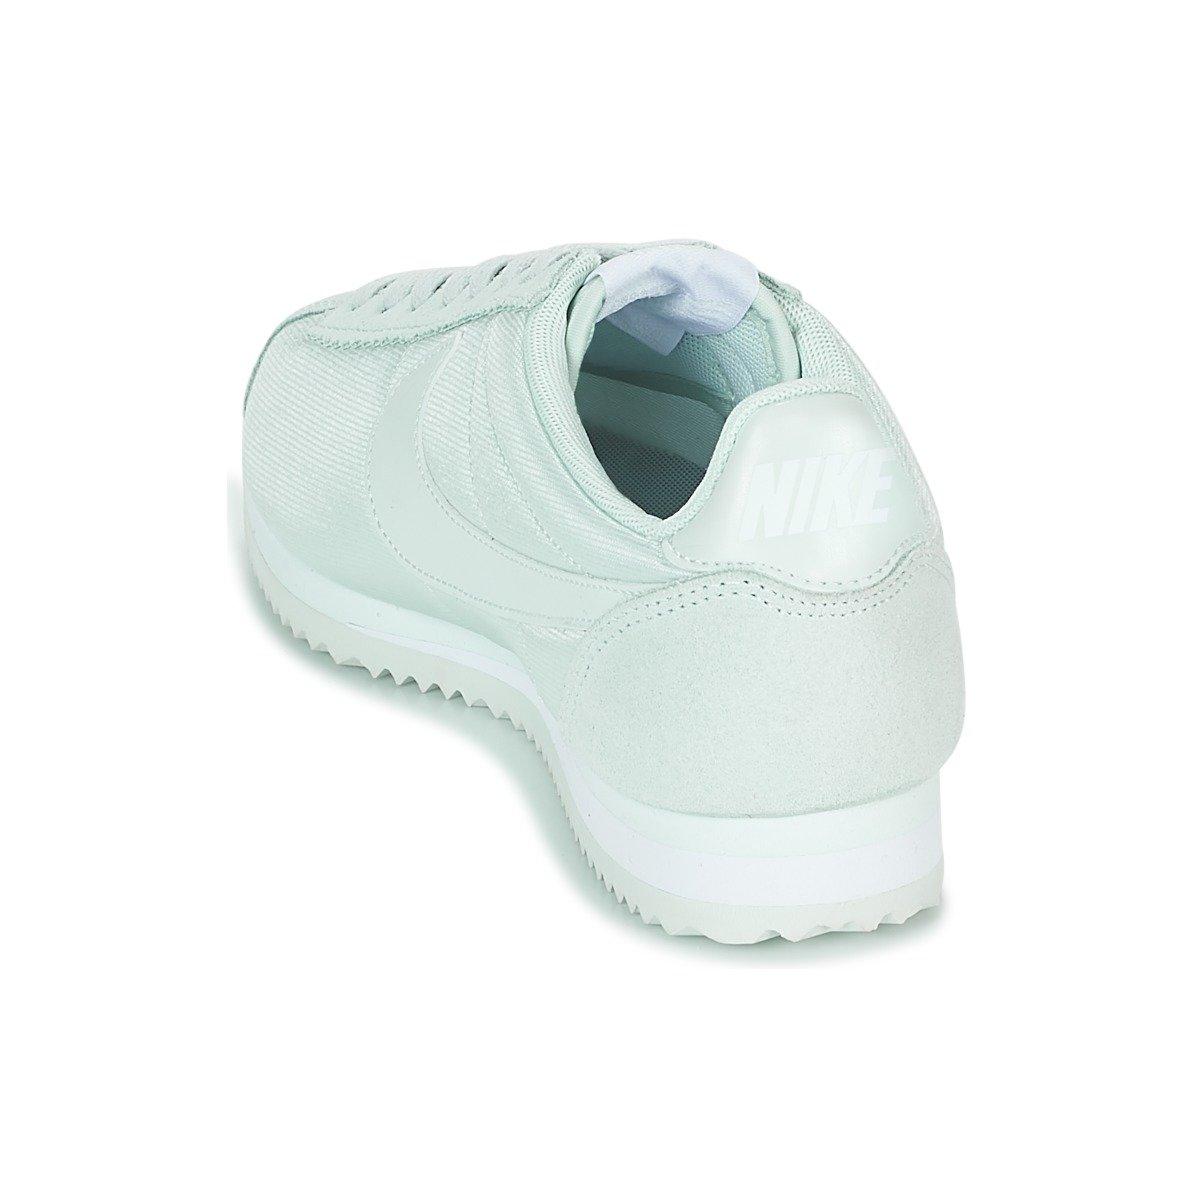 NIKE WMNS Nylon Classic Cortez Nylon WMNS Sneaker Damen - a19cbe